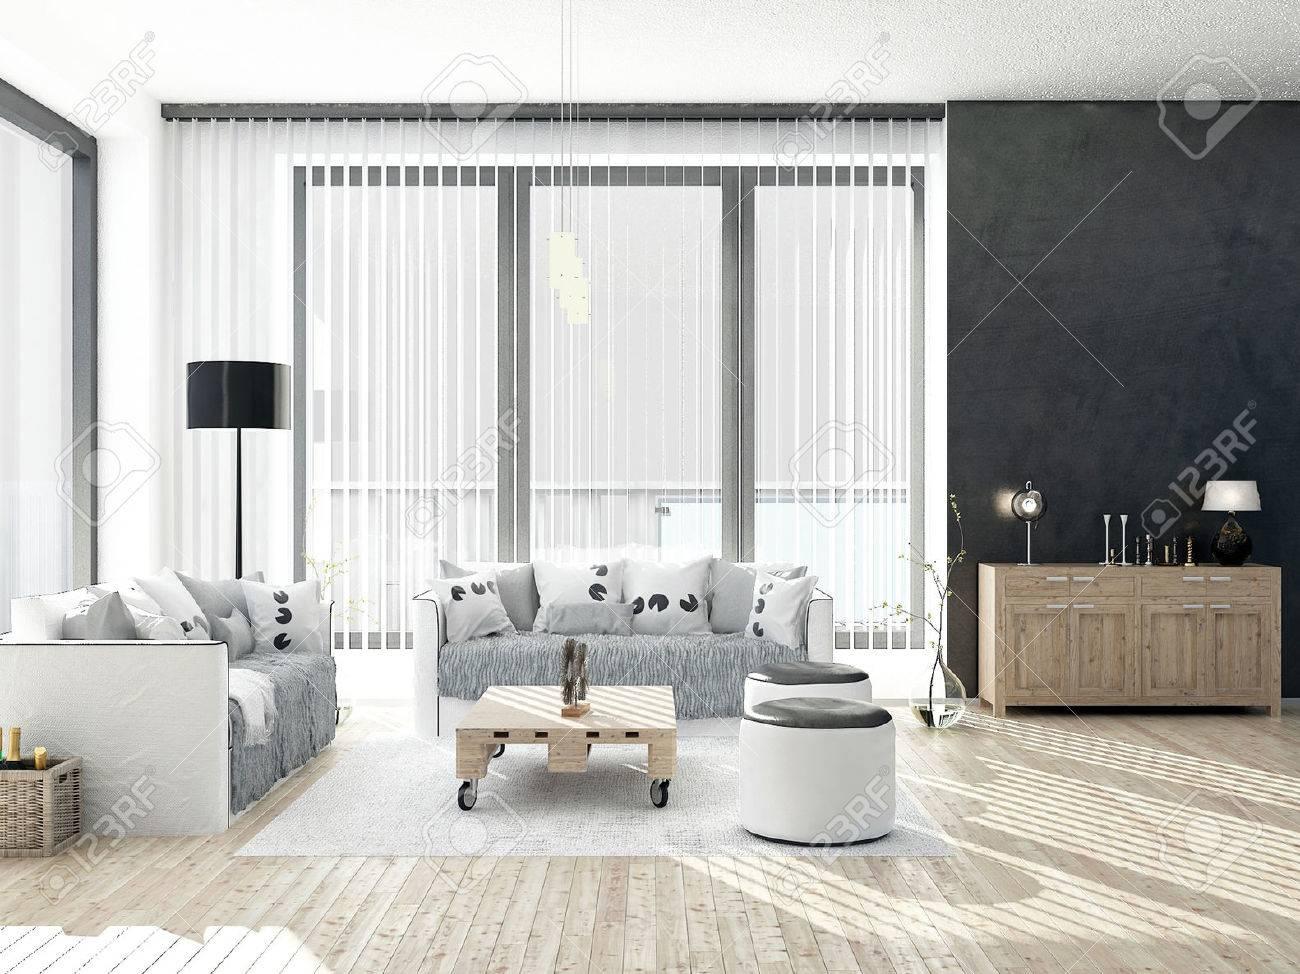 Schwarz-Weiß-Wohnzimmer Mit Holzboden Lizenzfreie Fotos, Bilder ...